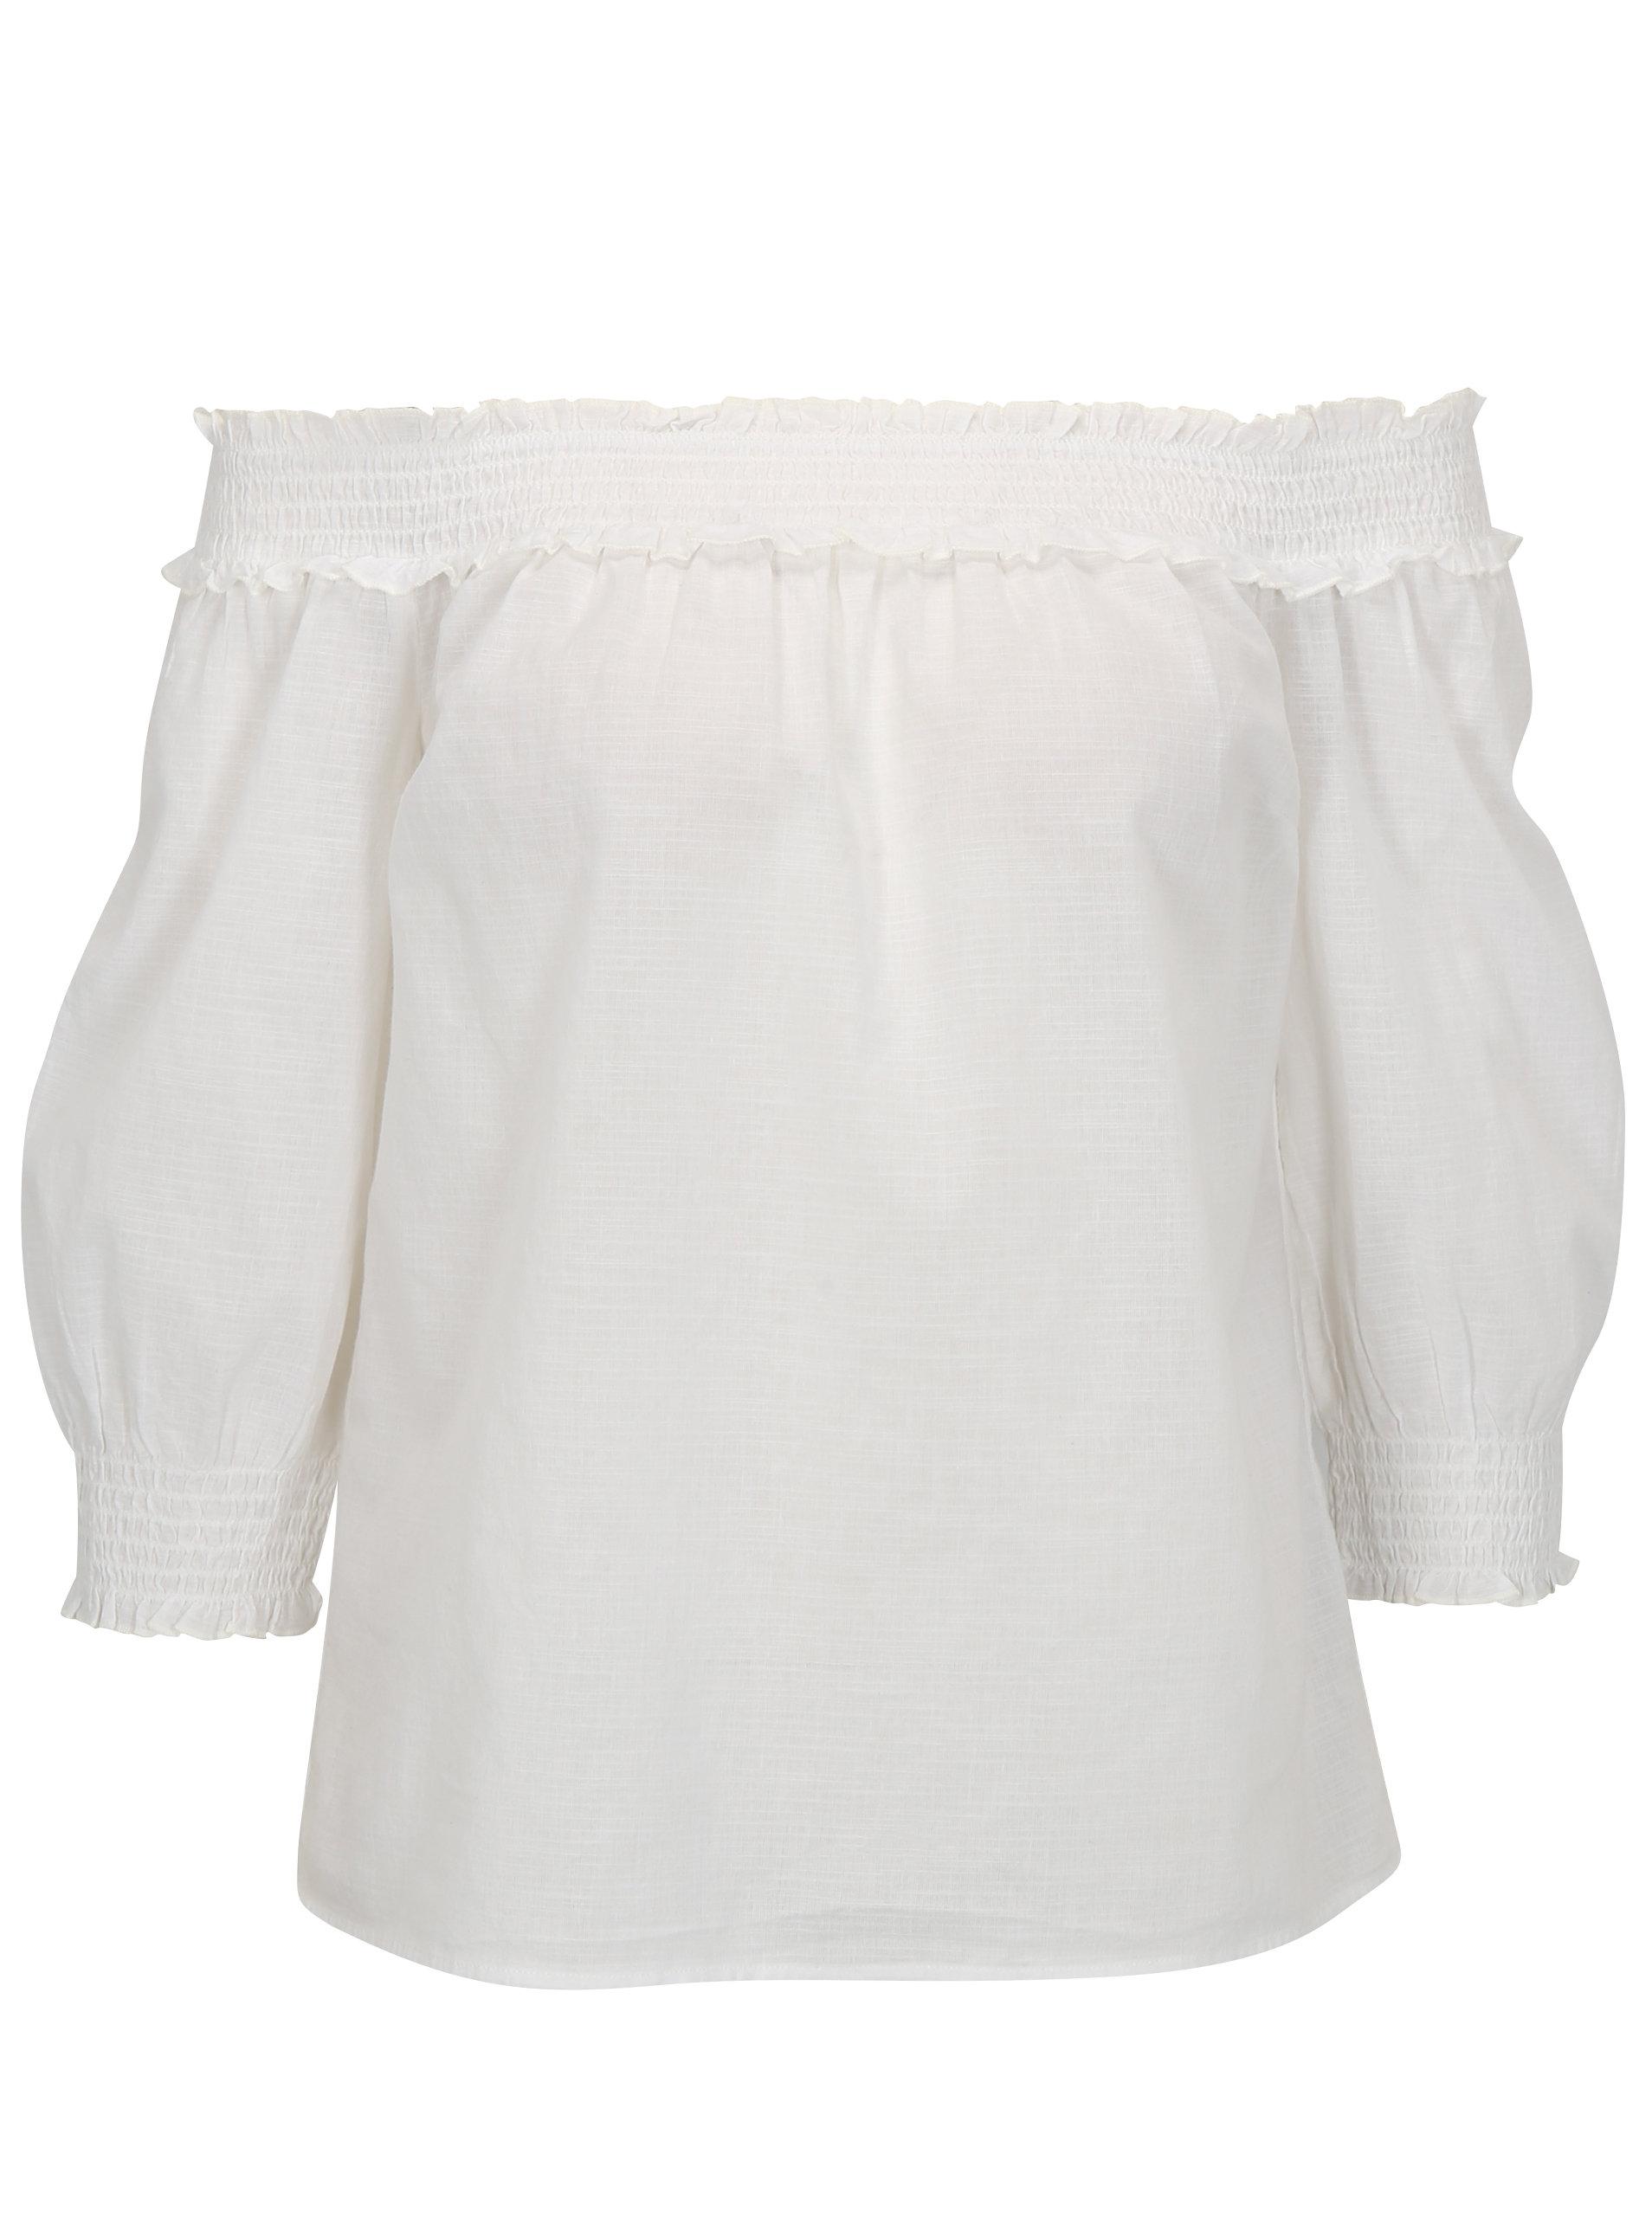 d77d259eabd4 Biela blúzka s odhalenými ramenami Dorothy Perkins ...